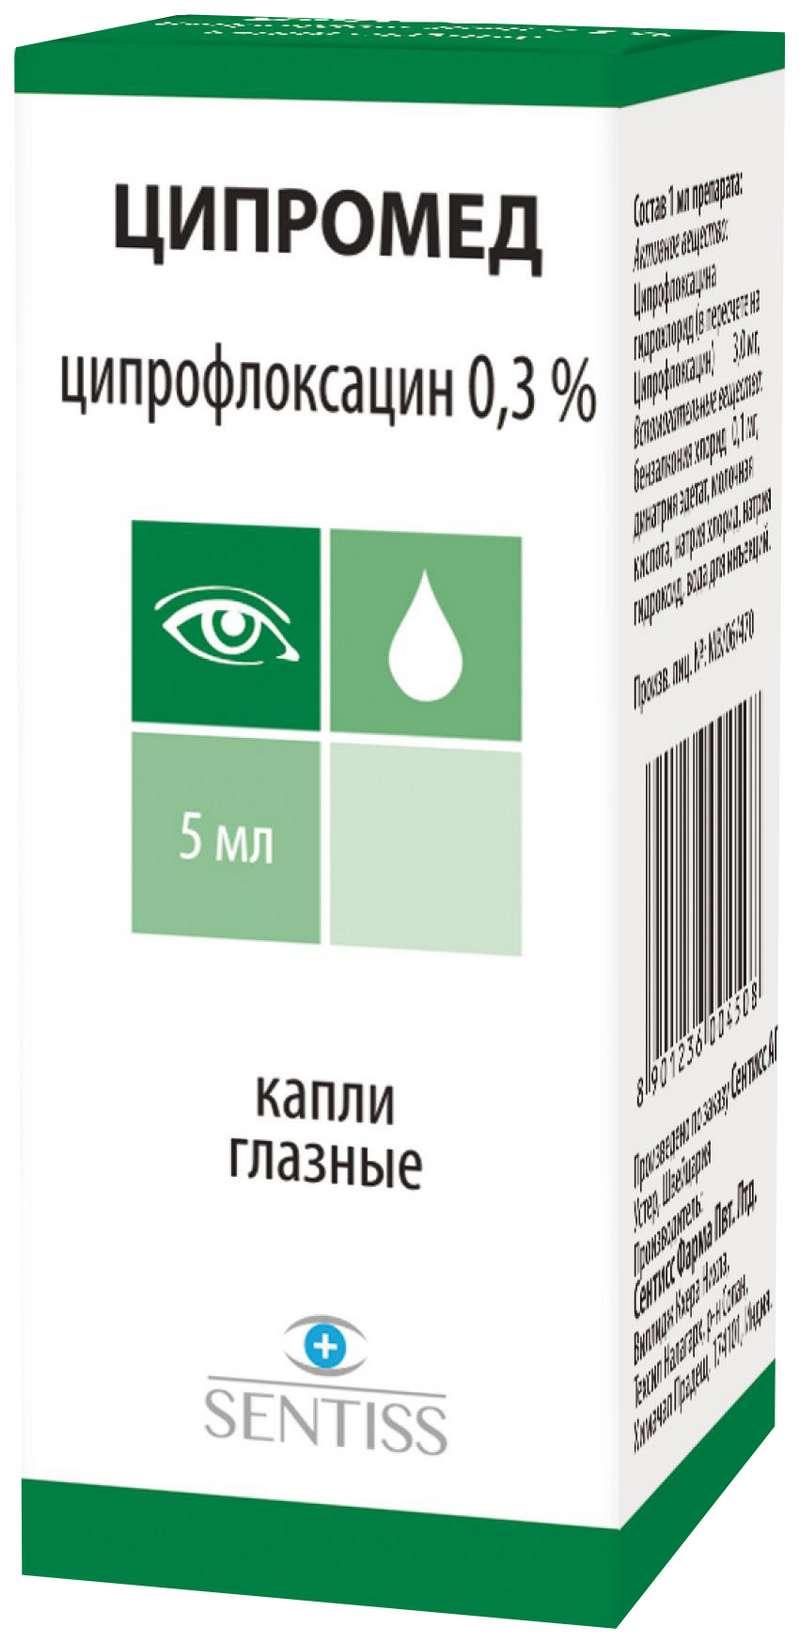 ЦИПРОМЕД 0,3% 5мл капли глазные